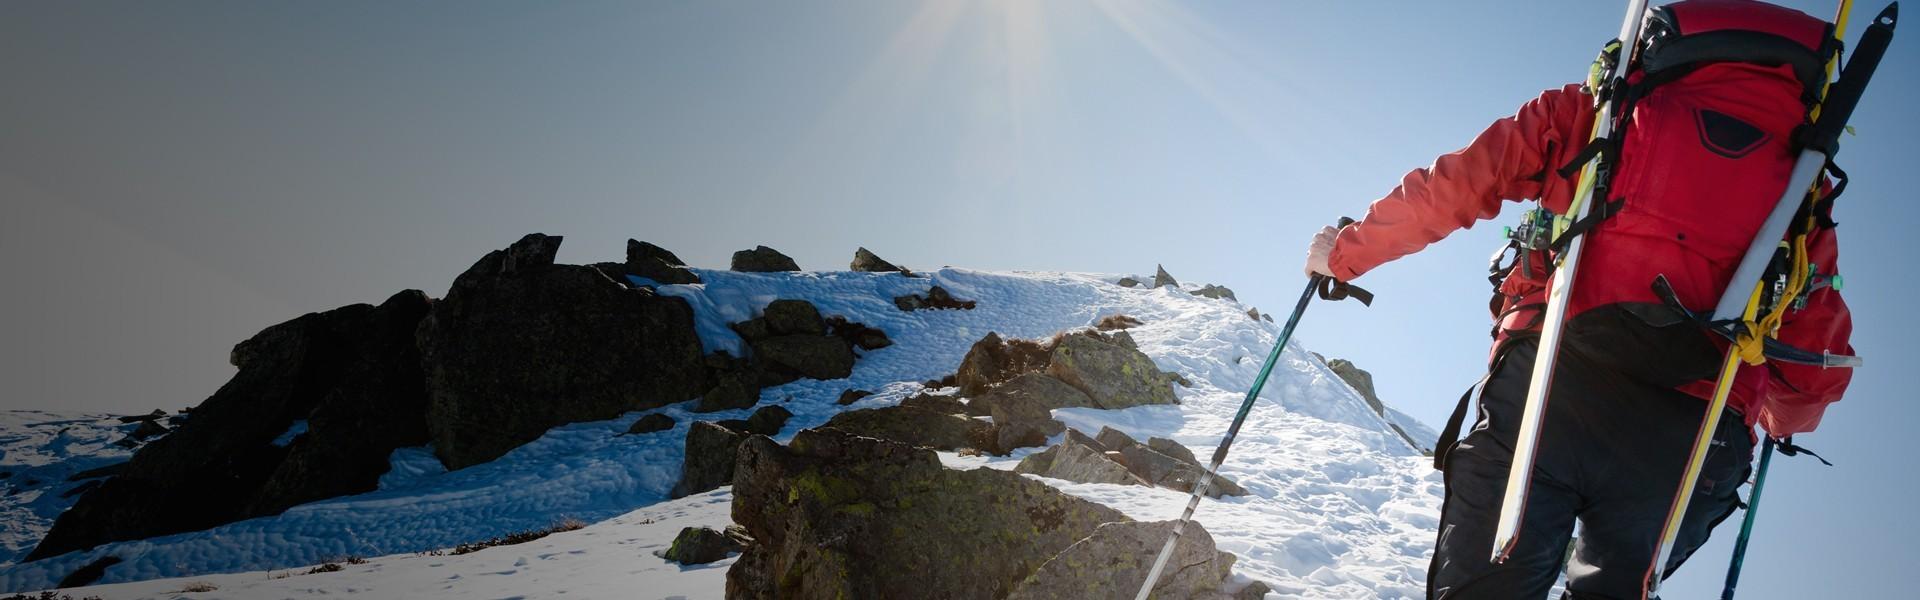 Attrezzatura Sci alpinismo